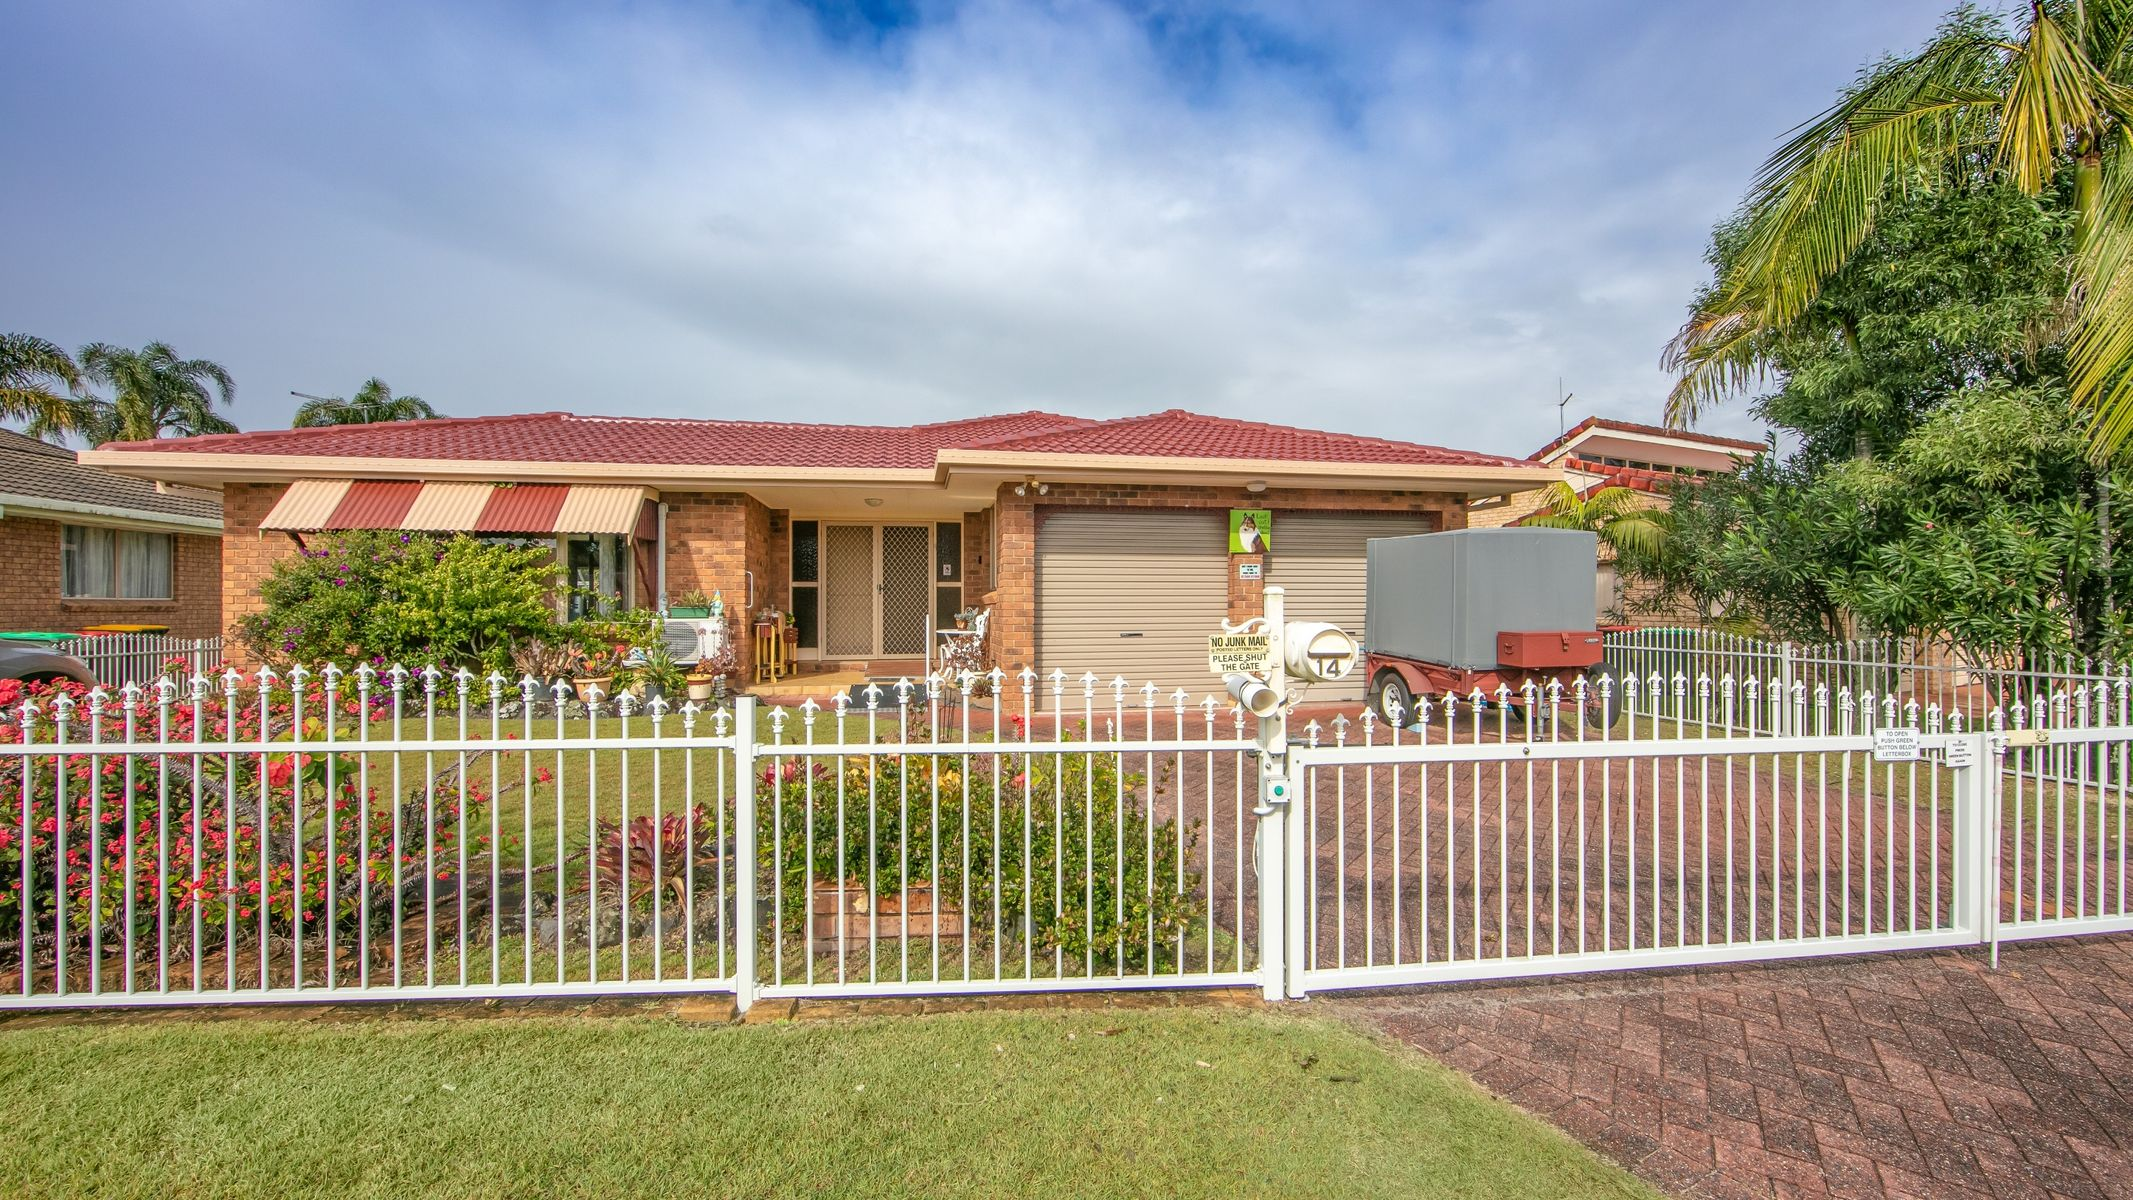 14 Melaleuca Drive, Yamba, NSW 2464